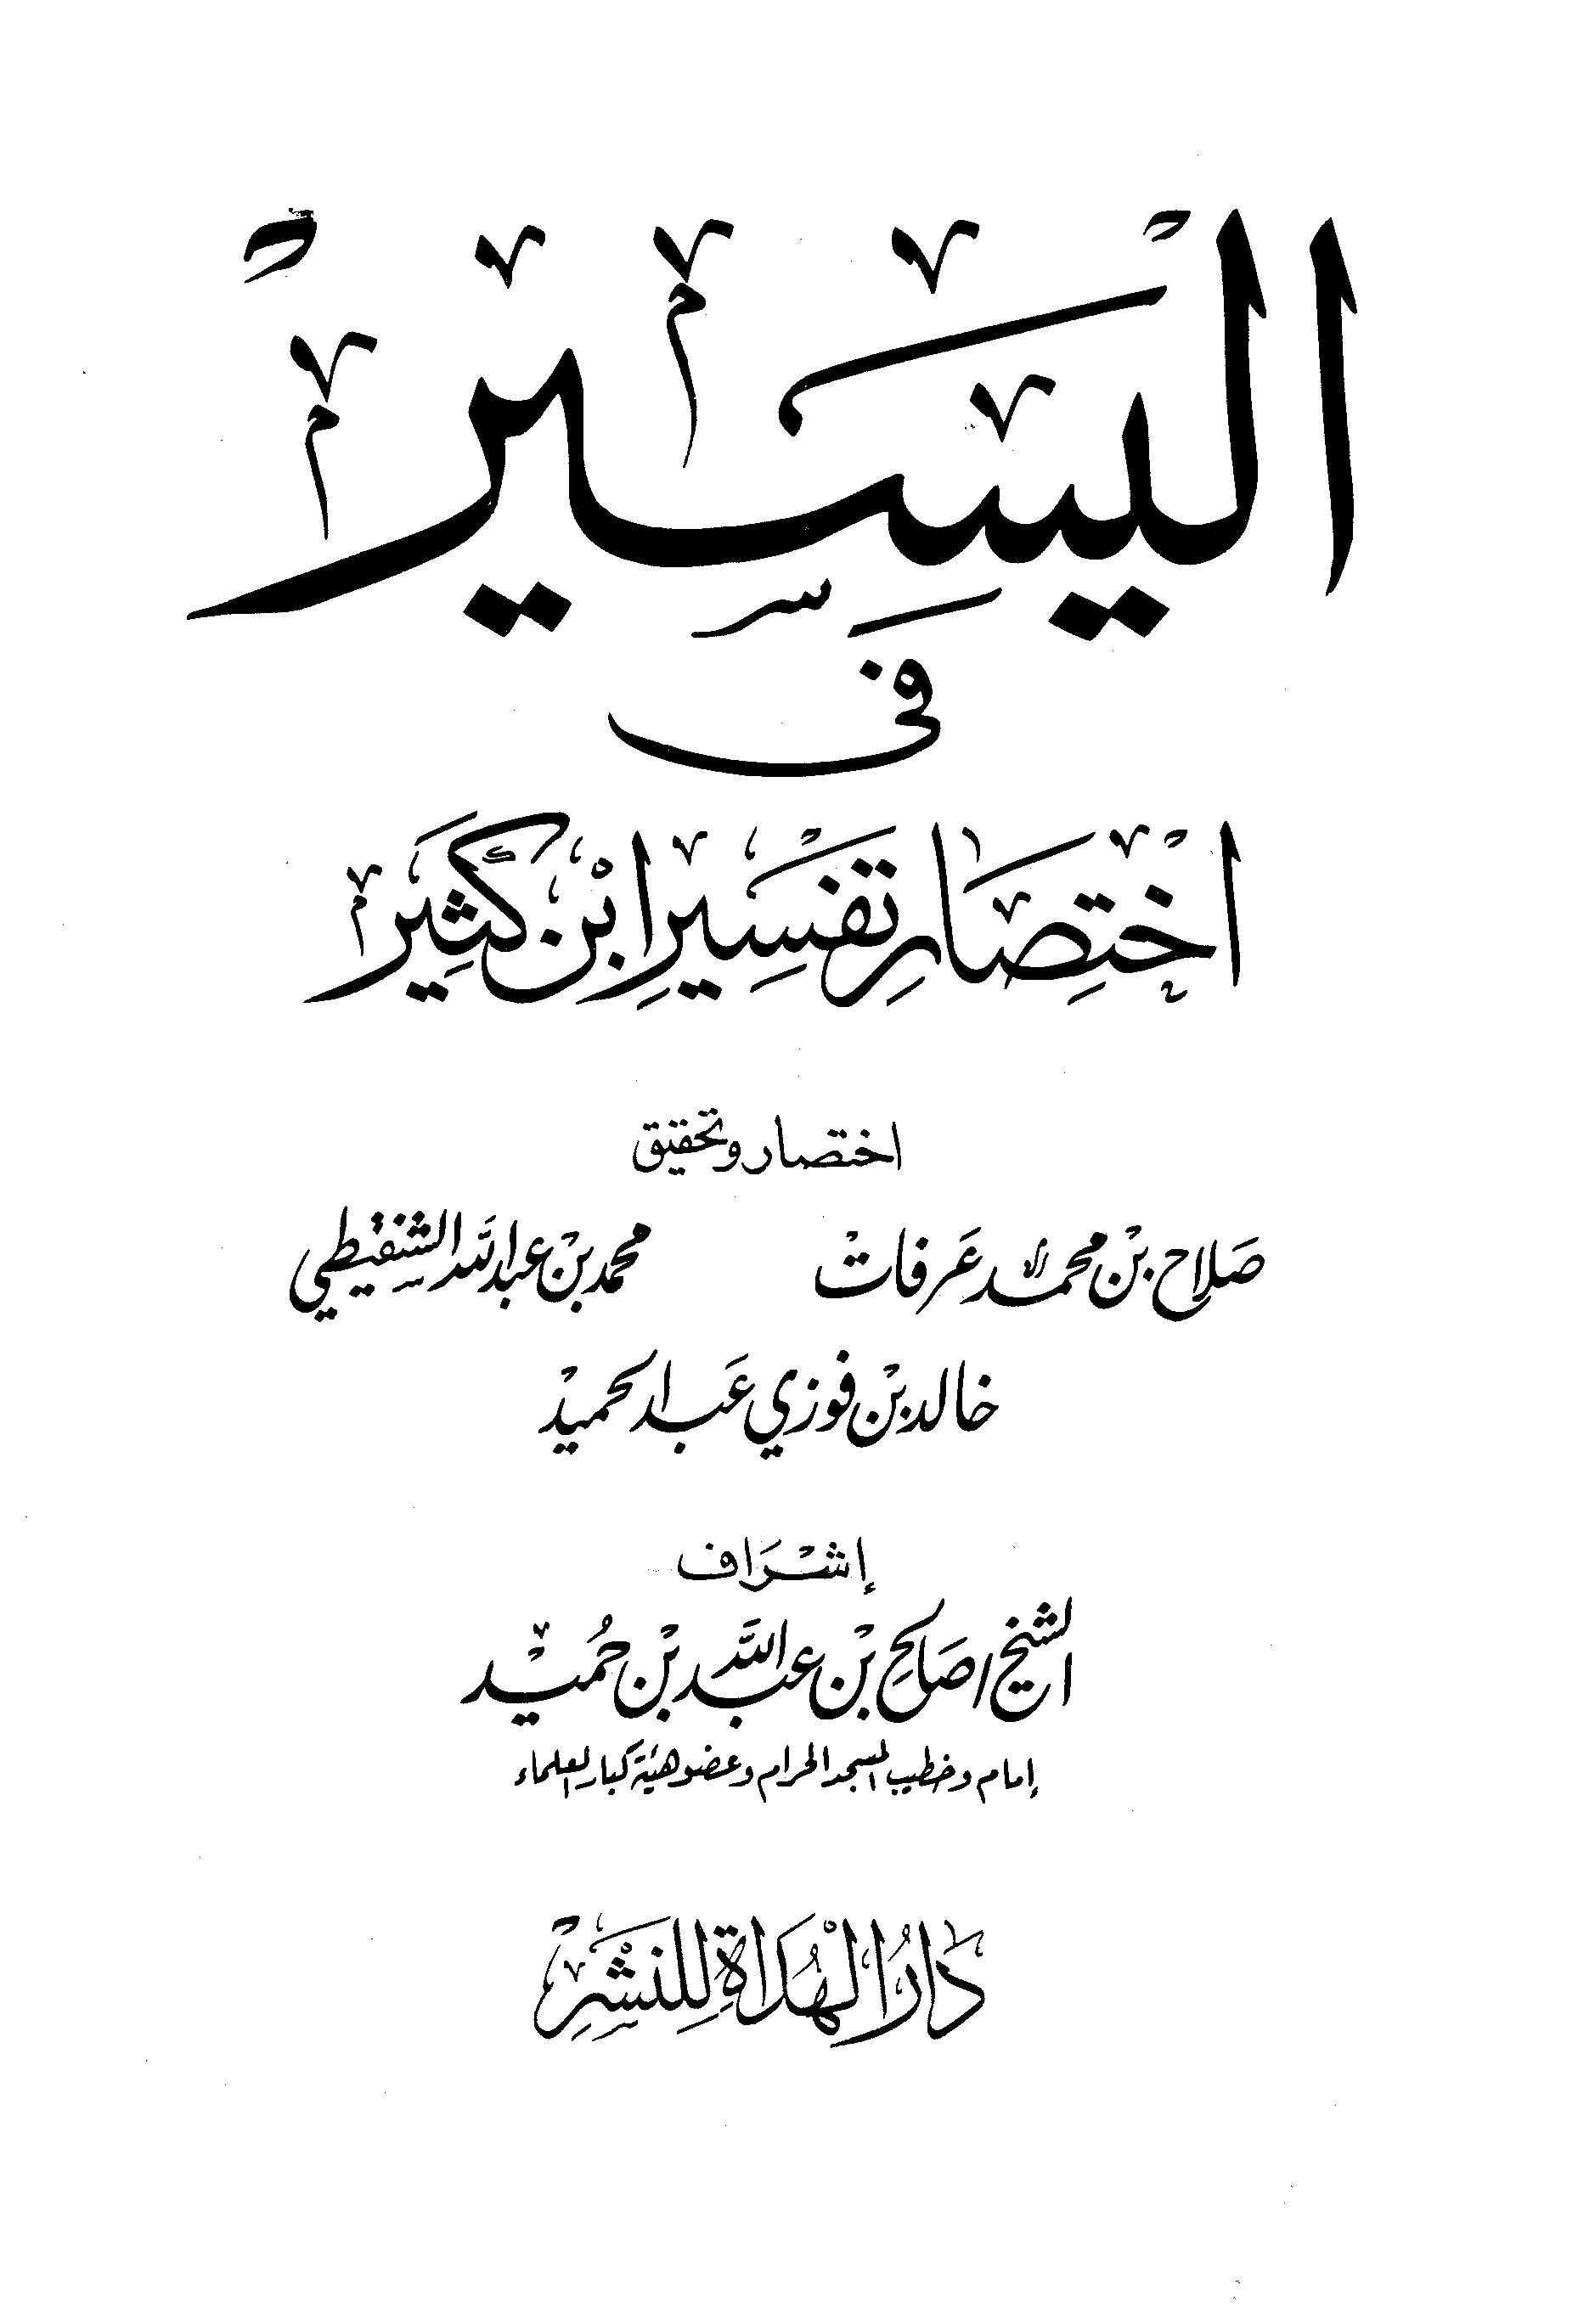 اليسير في اختصار تفسير ابن كثير - صلاح بن محمد عرفات وآخرون